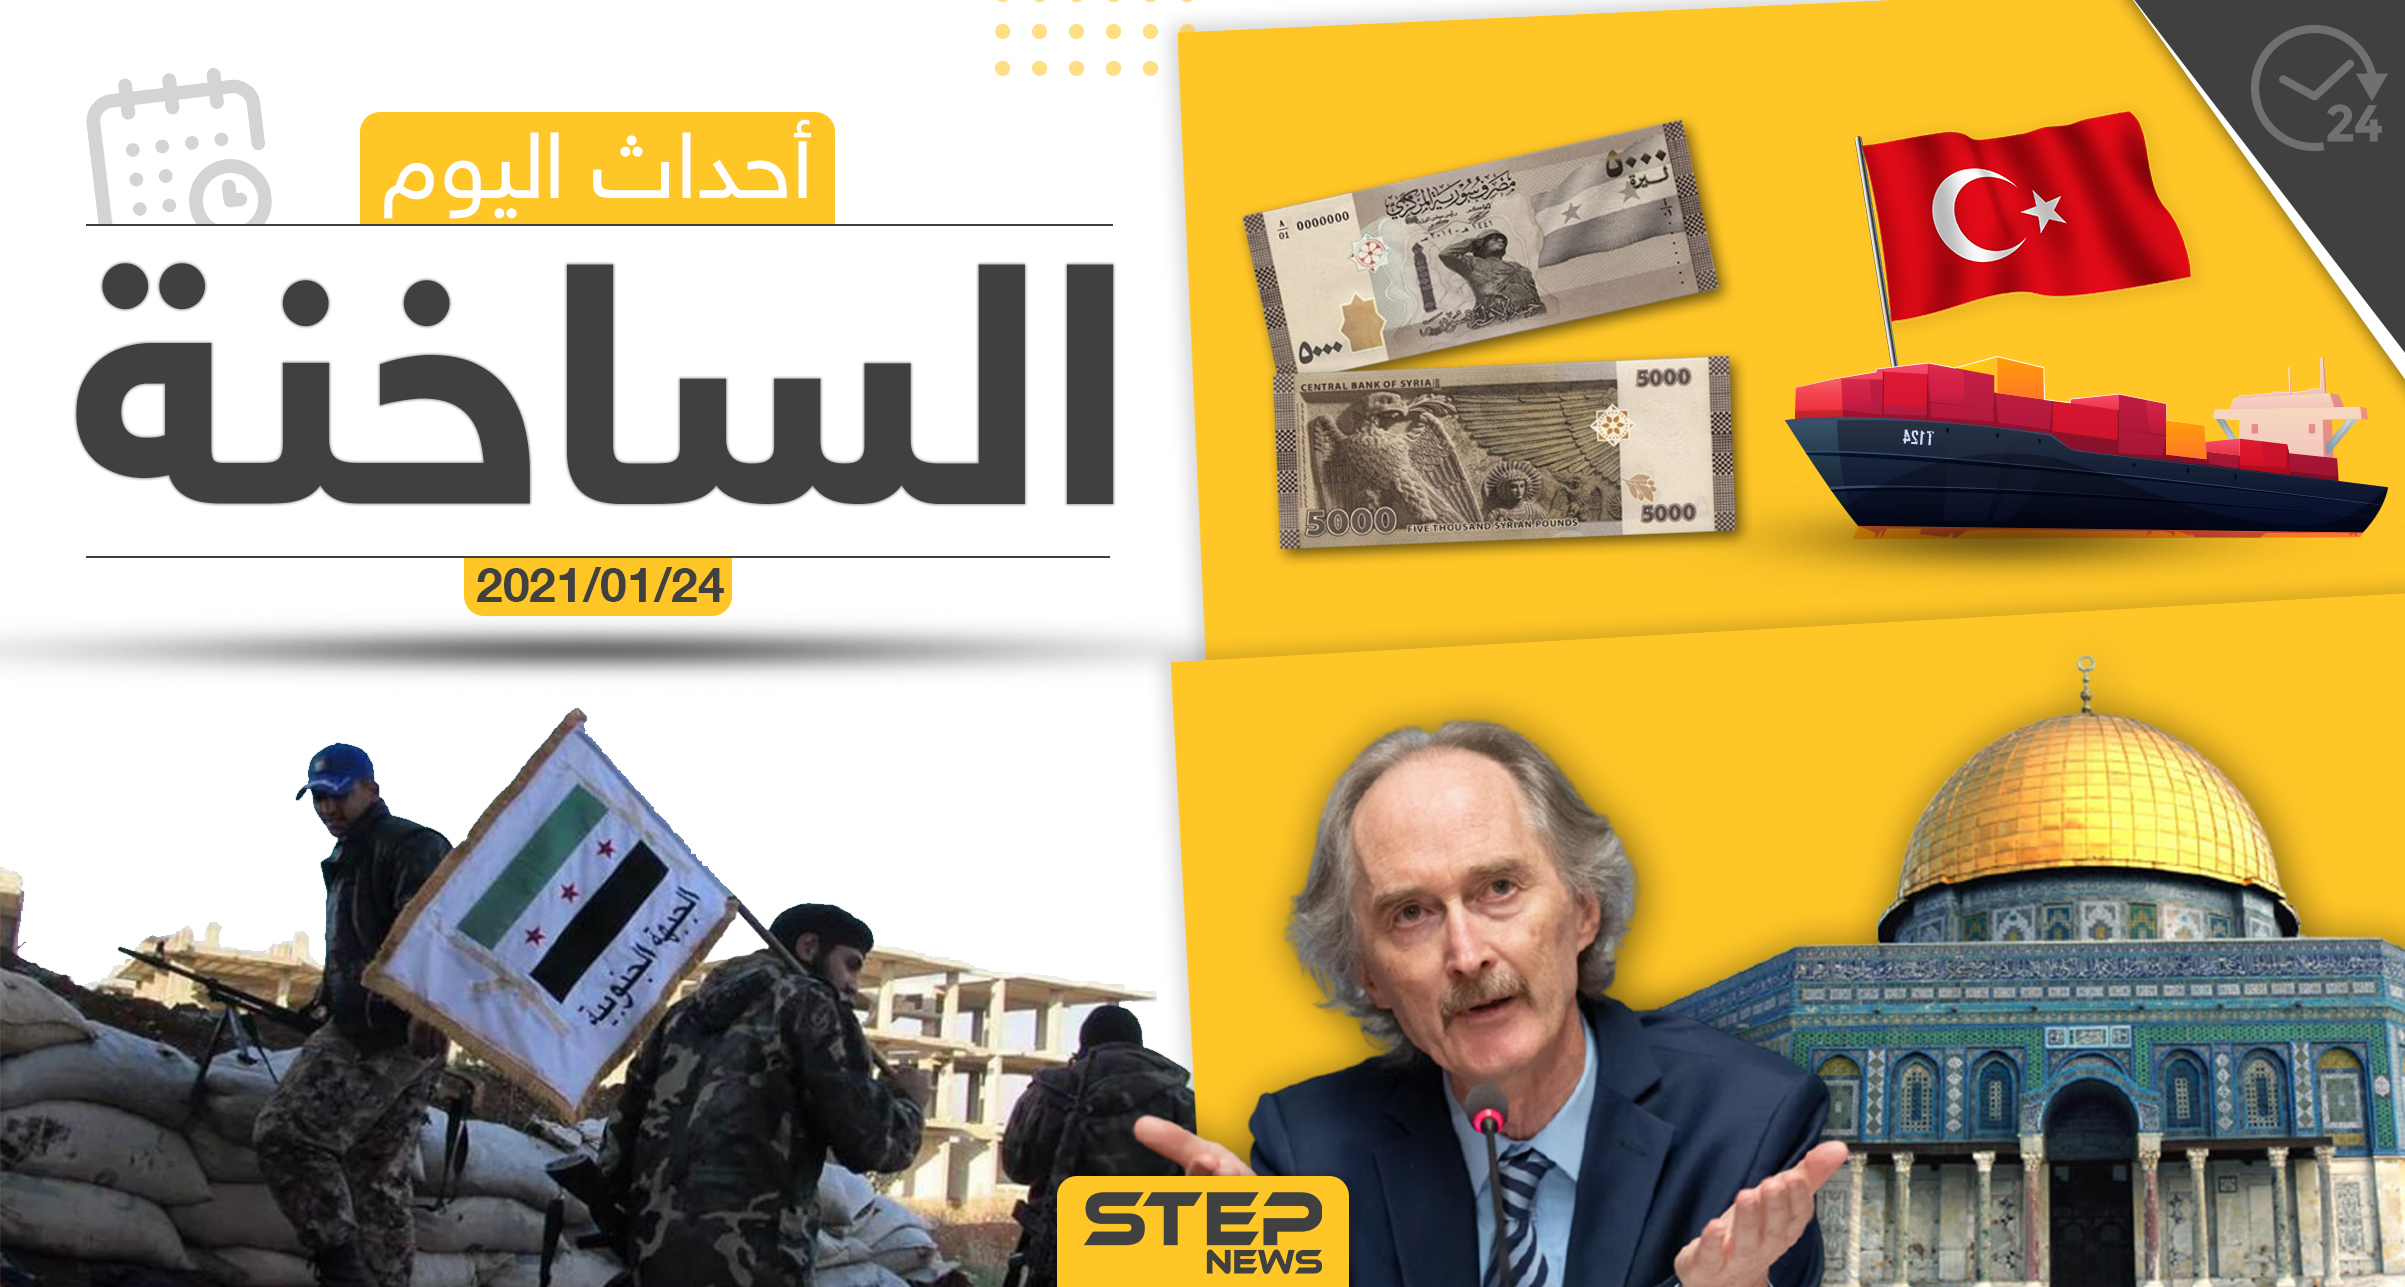 أهم أخبار اليوم في سوريا والعالم